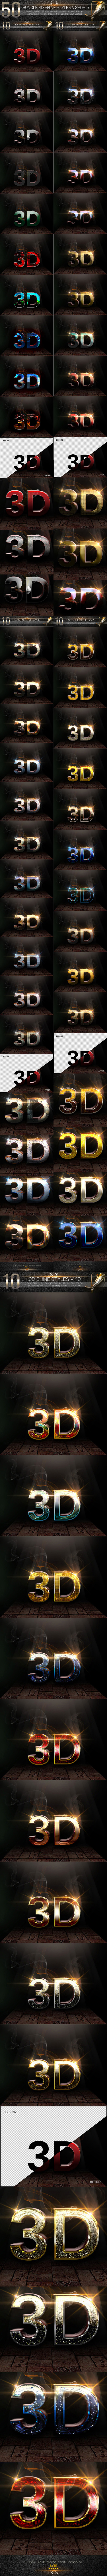 GraphicRiver 50 Bundle 3D Text Style V.260615 11934581